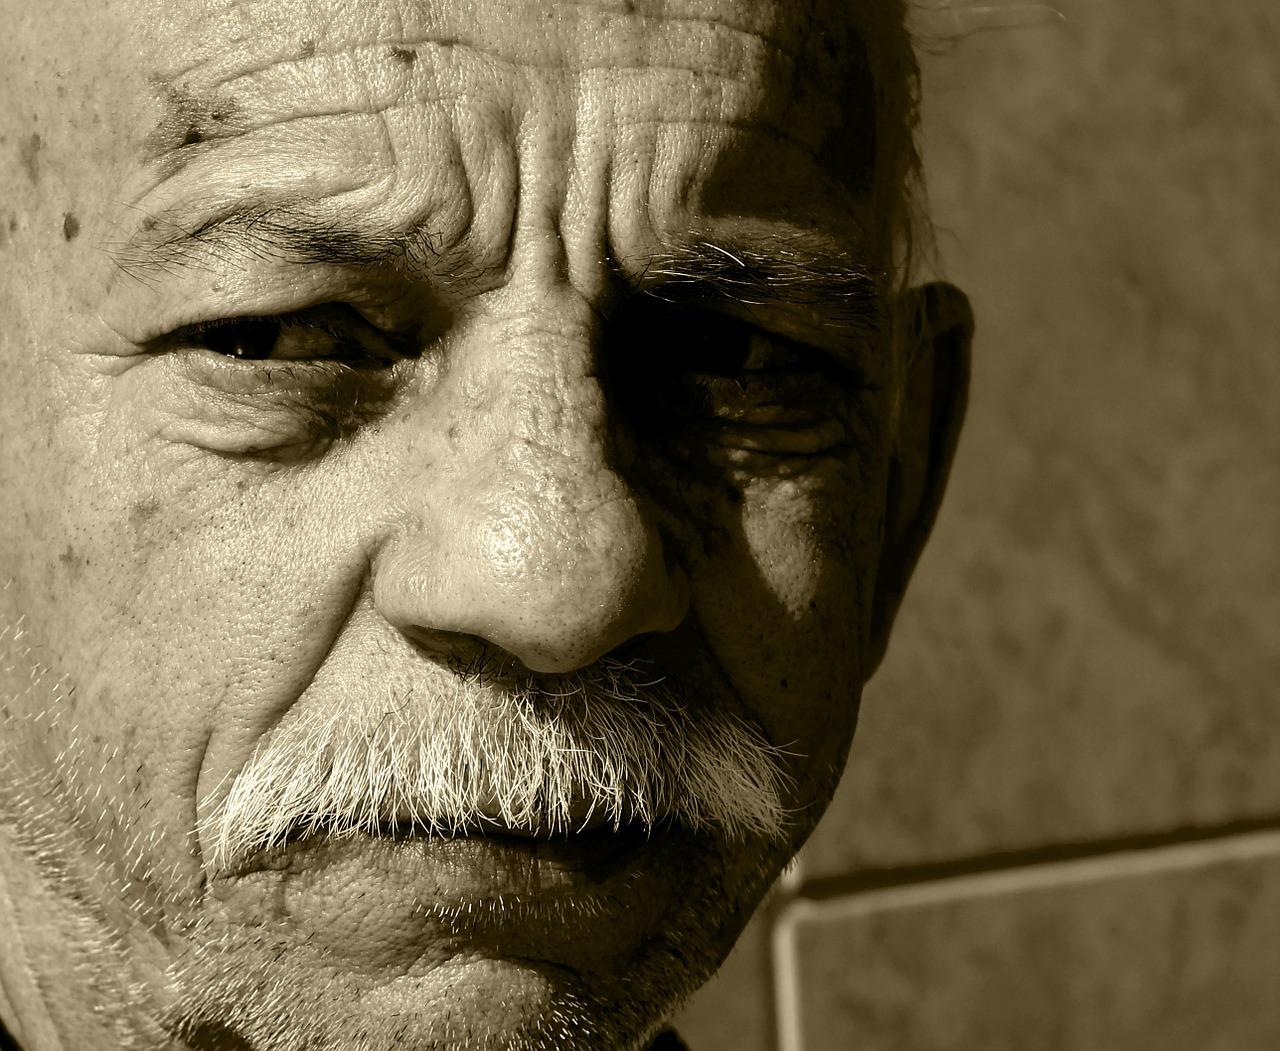 bob sad old man